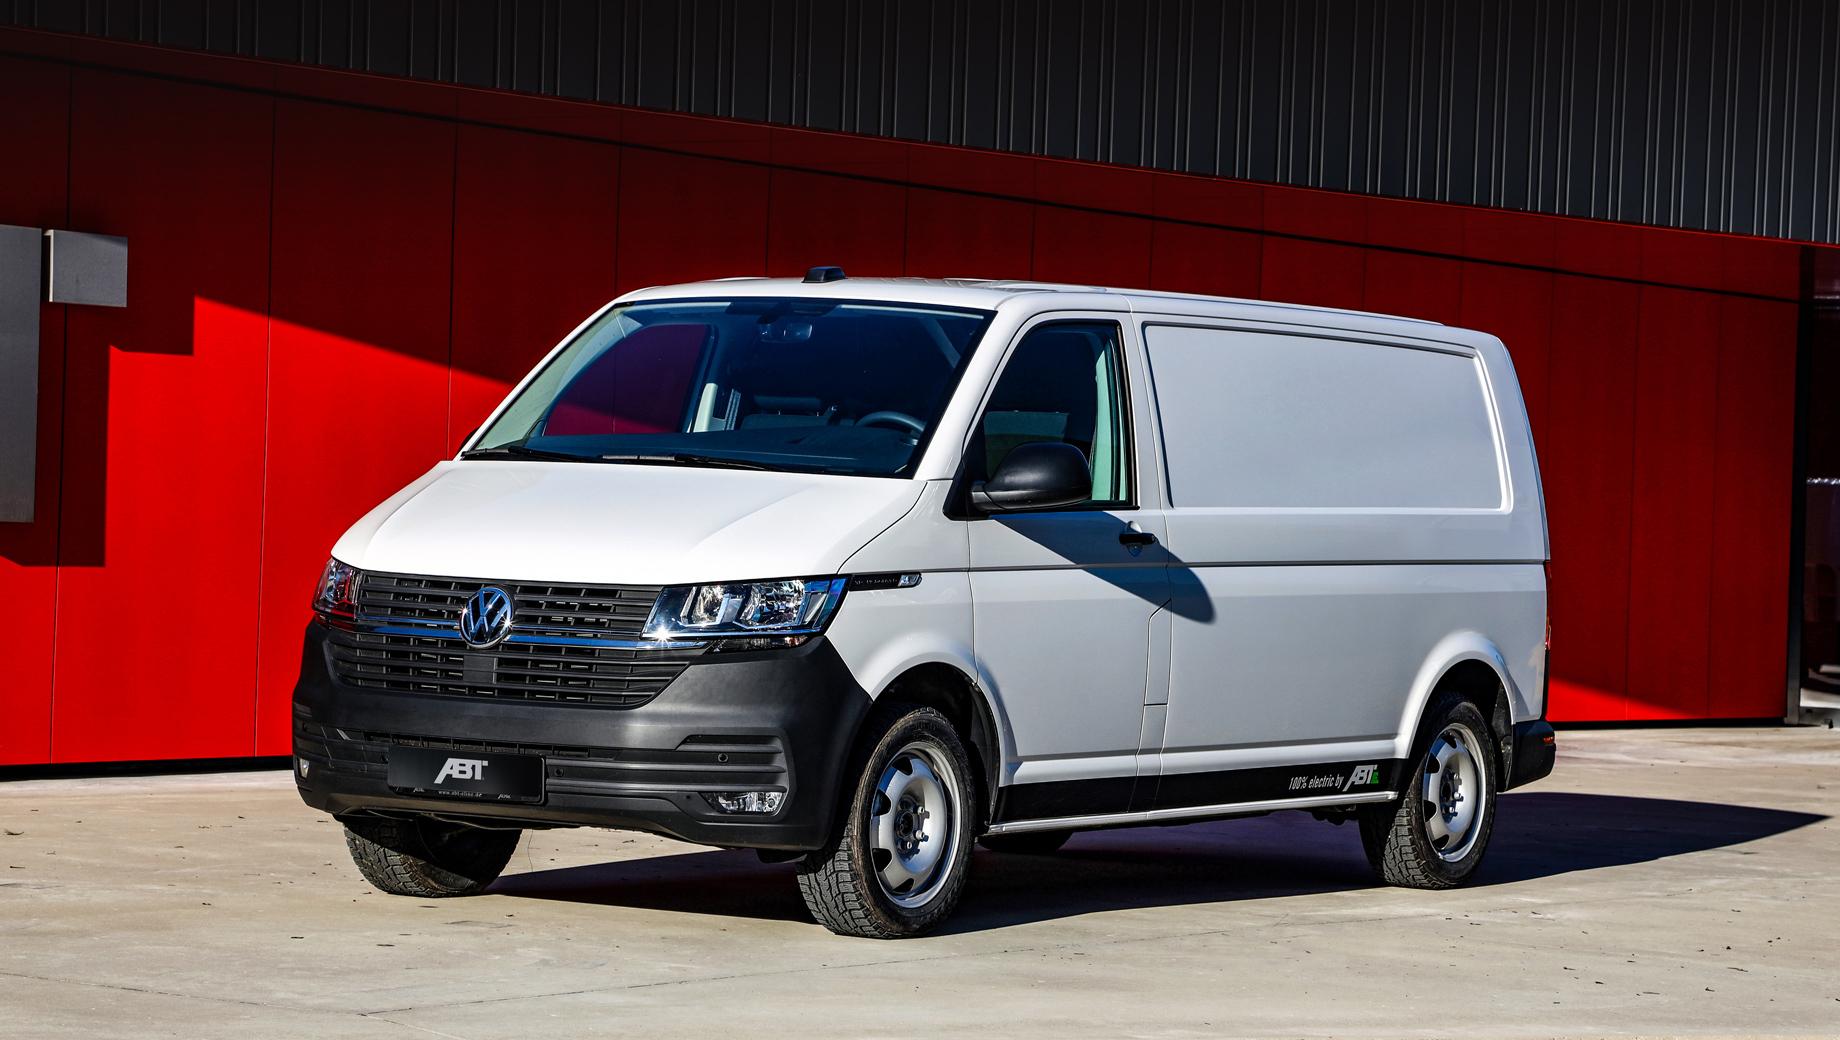 Volkswagen t61. Поскольку ABT e-Line является официальным партнёром Volkswagen Commercial Vehicles, данный проект нельзя считать банальным тюнингом или посторонней конверсией, а приобрести машину можно как через партнёров ABT e-Line, так и у ряда дилеров VWCV.